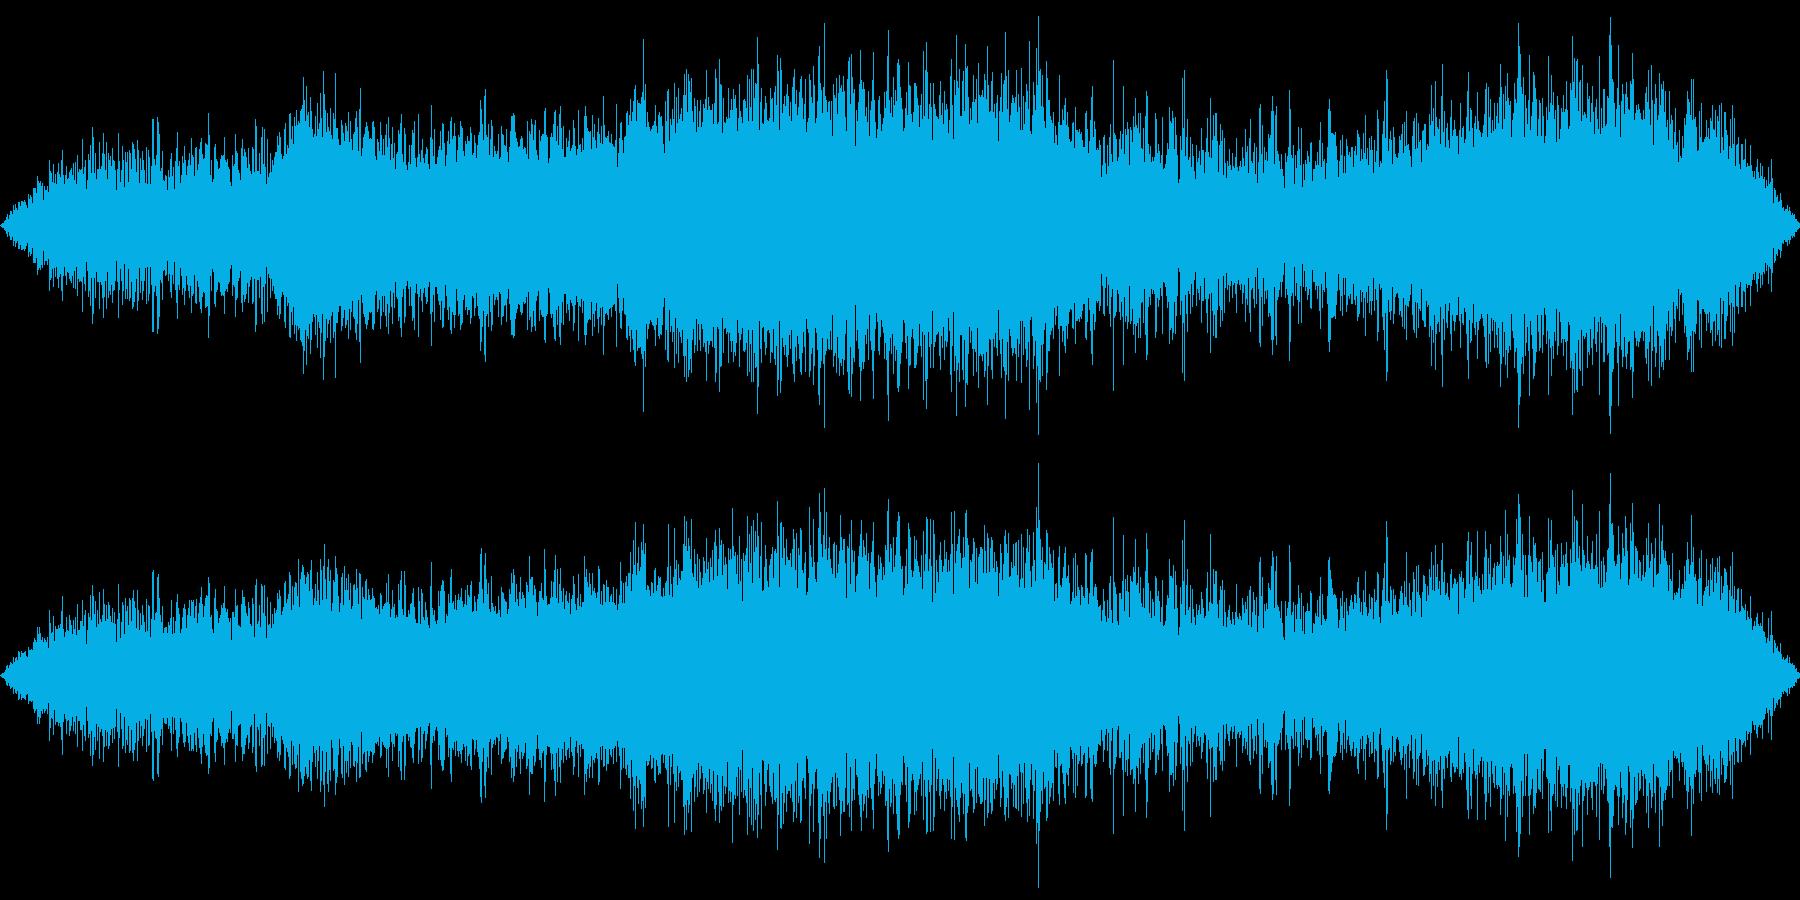 東京地下鉄の環境音(生録音)の再生済みの波形